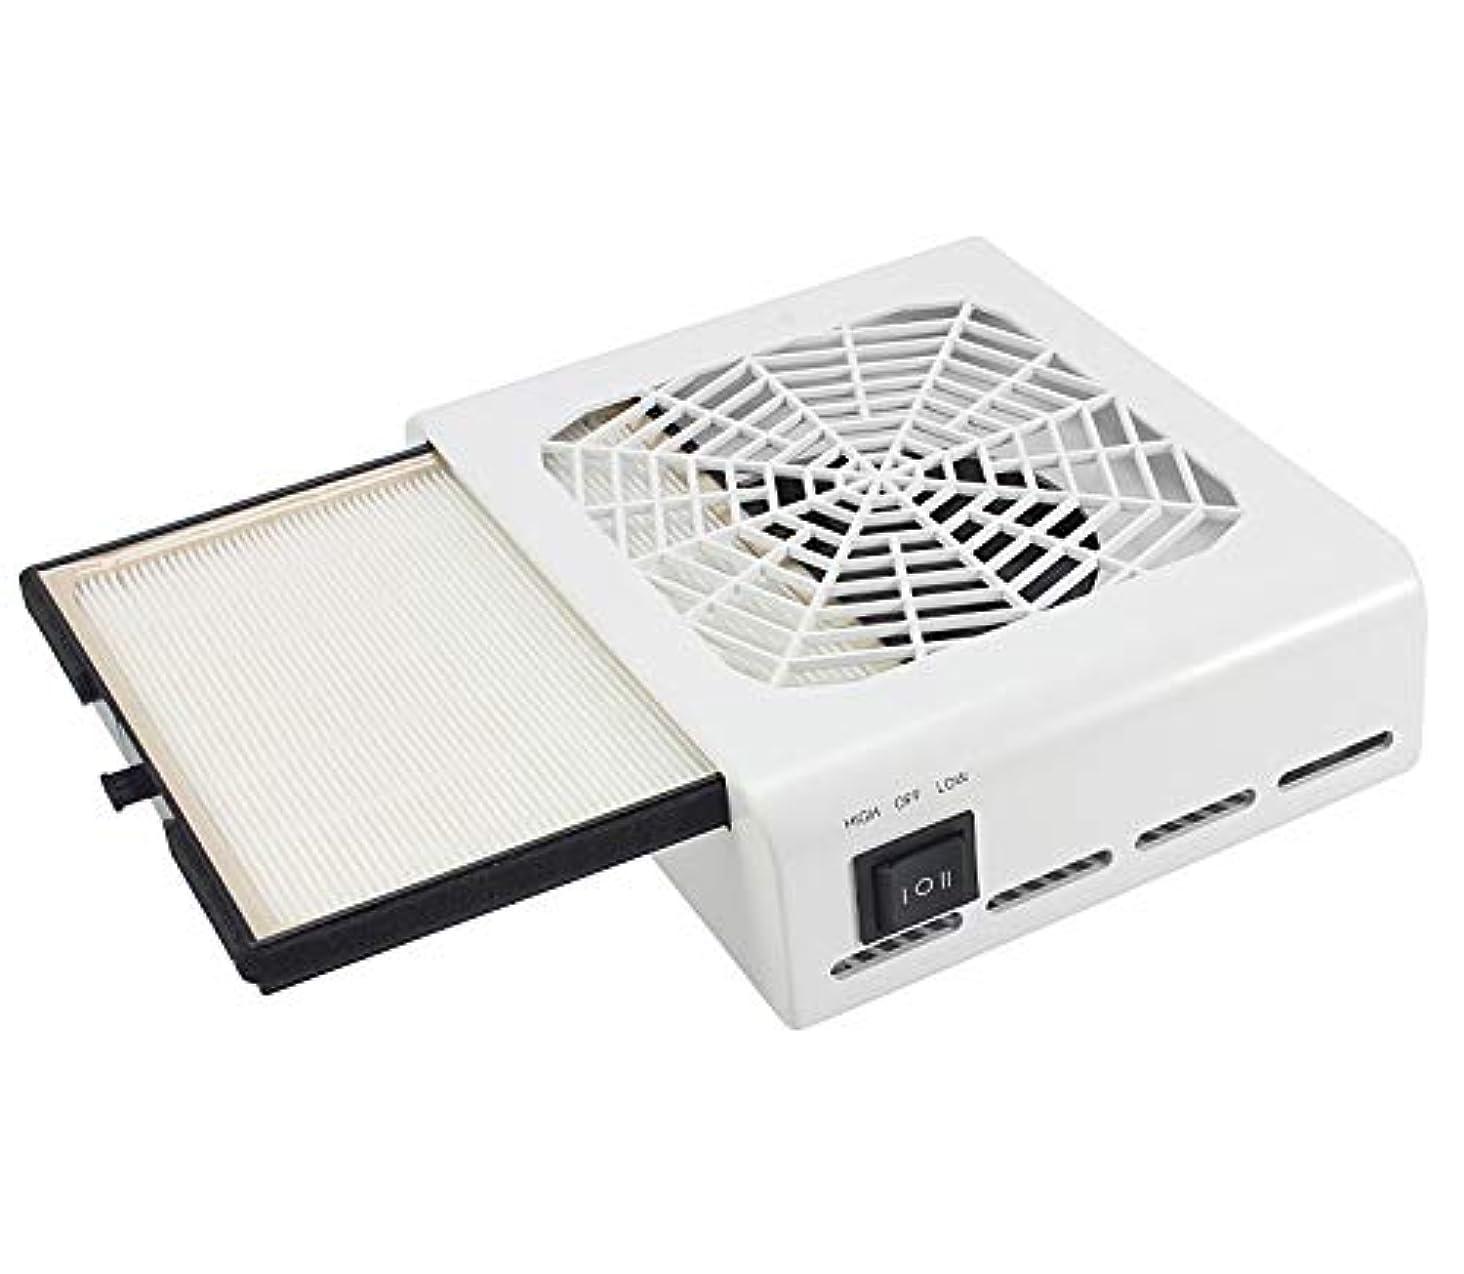 地域正しい異常なネイルダスト 集塵機 ジェルネイル ネイル機器 最新版 セルフネイル 低騒音 110V 40W パワー調節可能 白